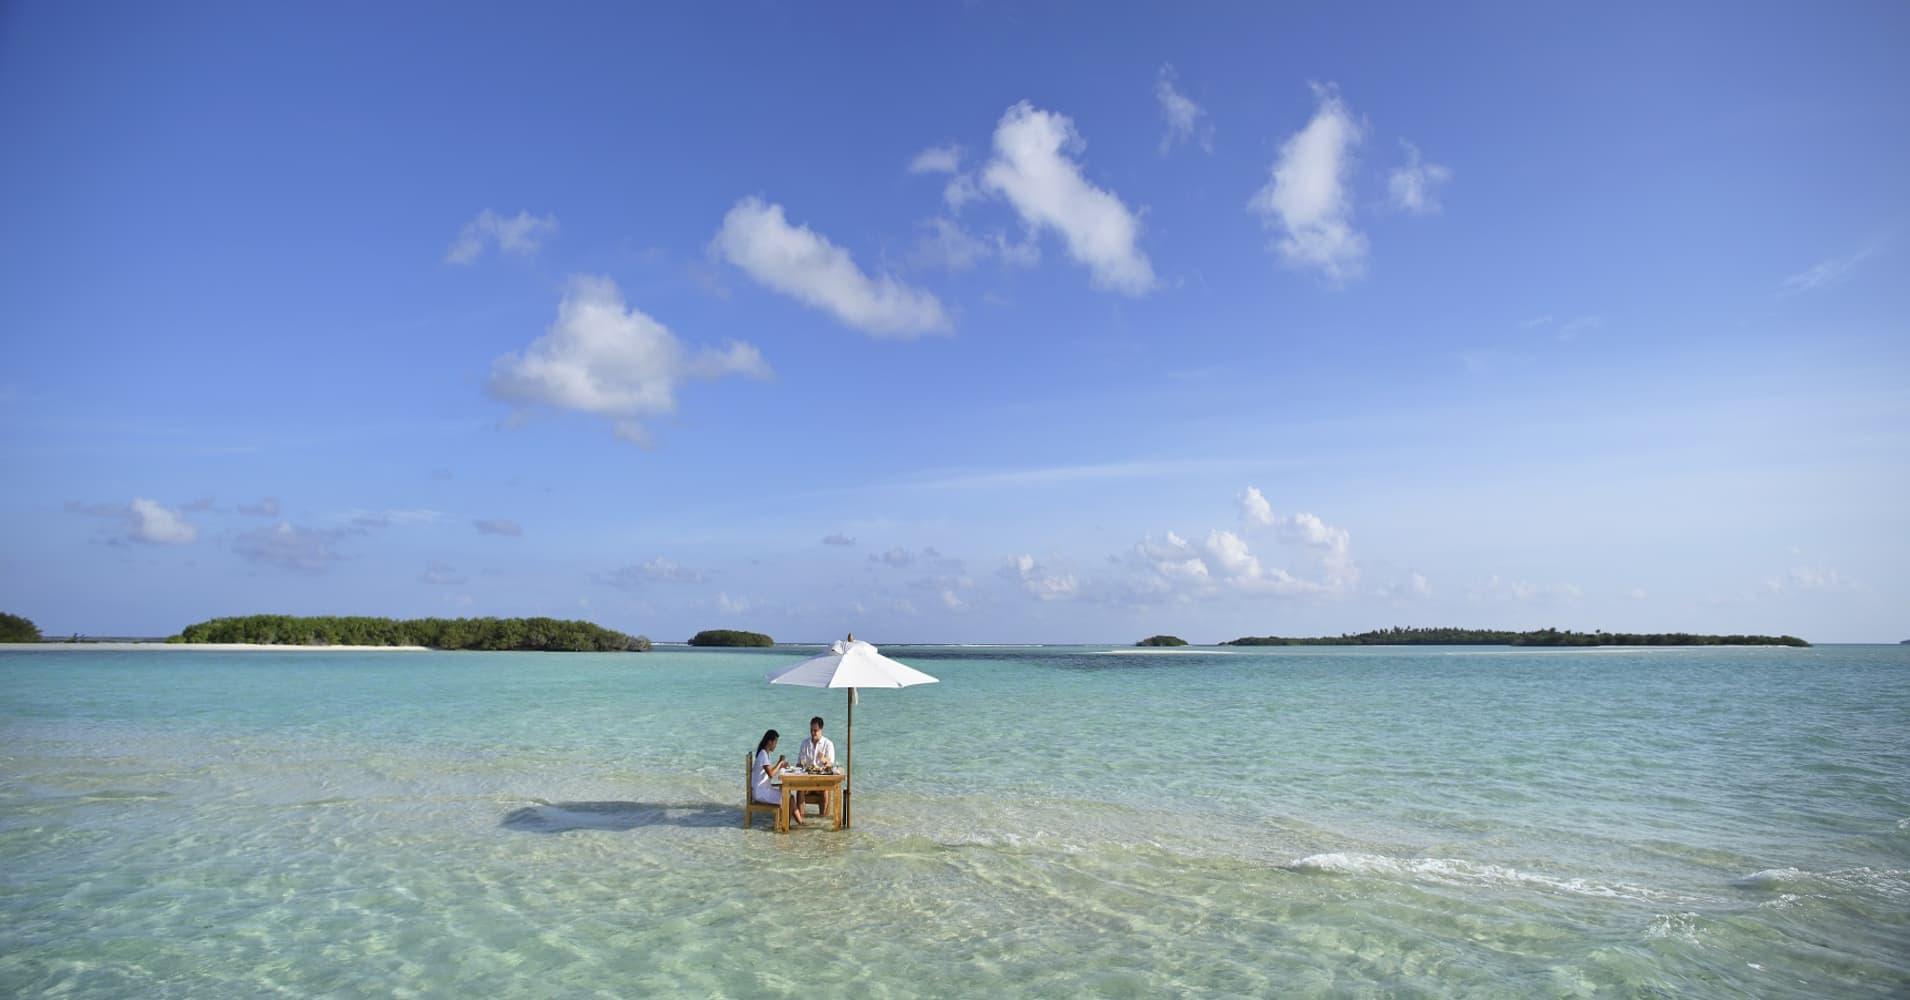 Soneva Jani in Maldives.